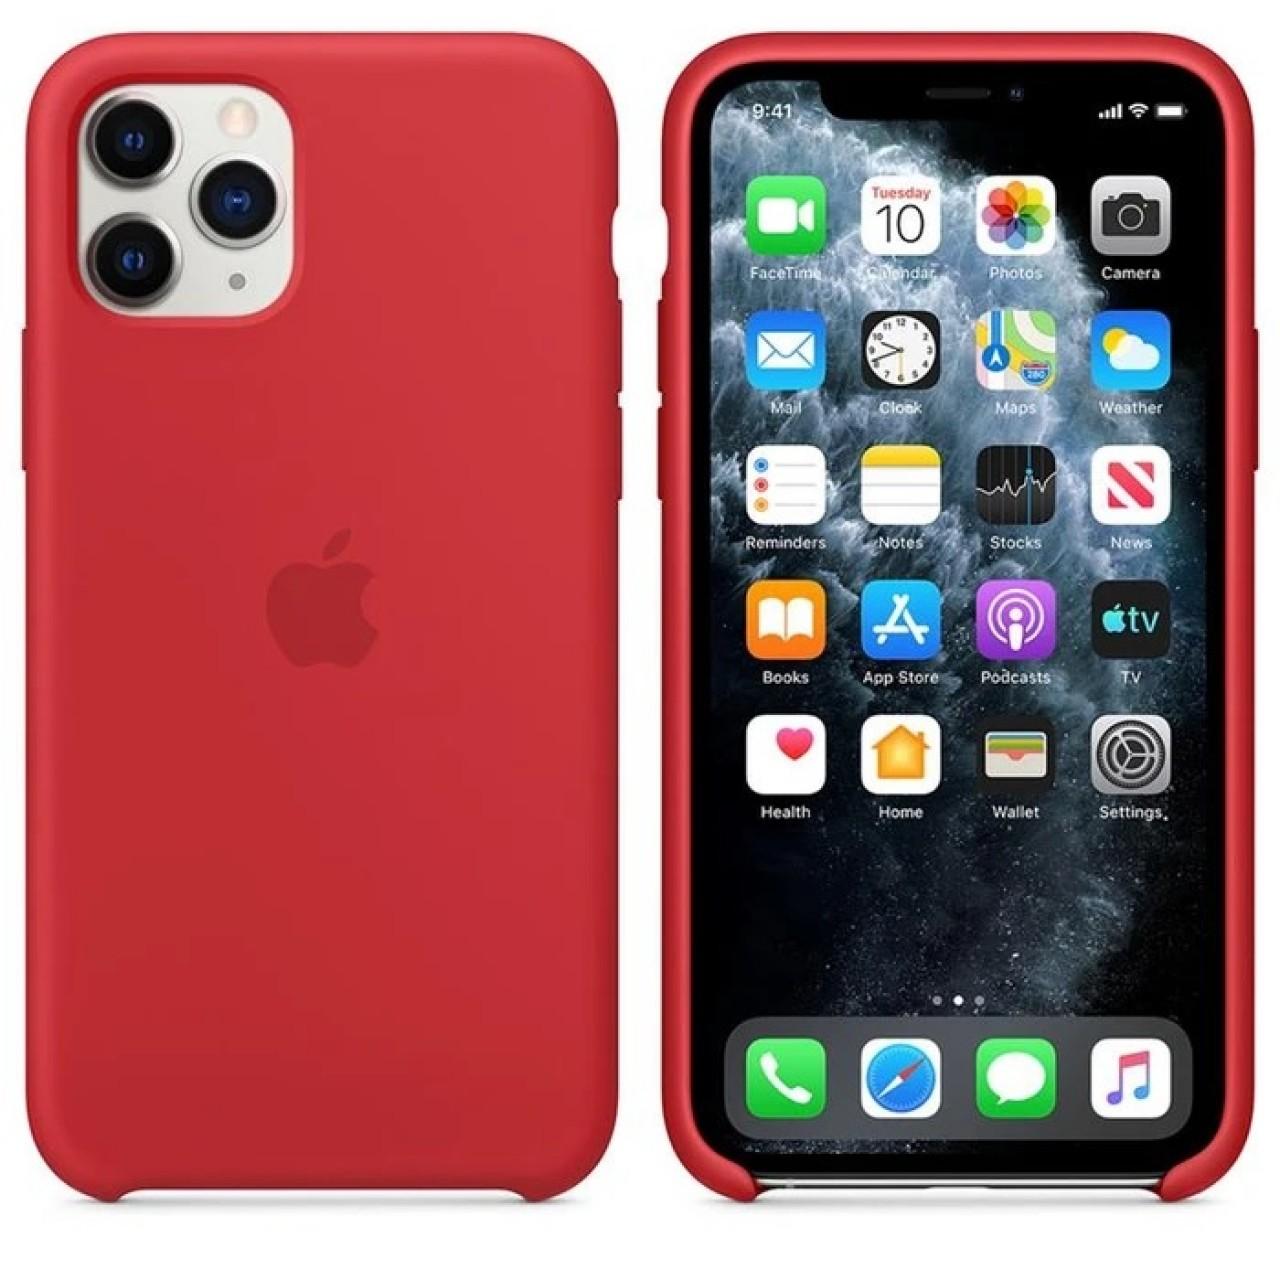 ΘΗΚΗ ΠΡΟΣΤΑΣΙΑΣ ΣΙΛΙΚΟΝΗΣ ΓΙΑ iPhone 11 PRO MAX ΚΟΚΚΙΝΗ - BACK COVER SILICON CASE RED - OEM